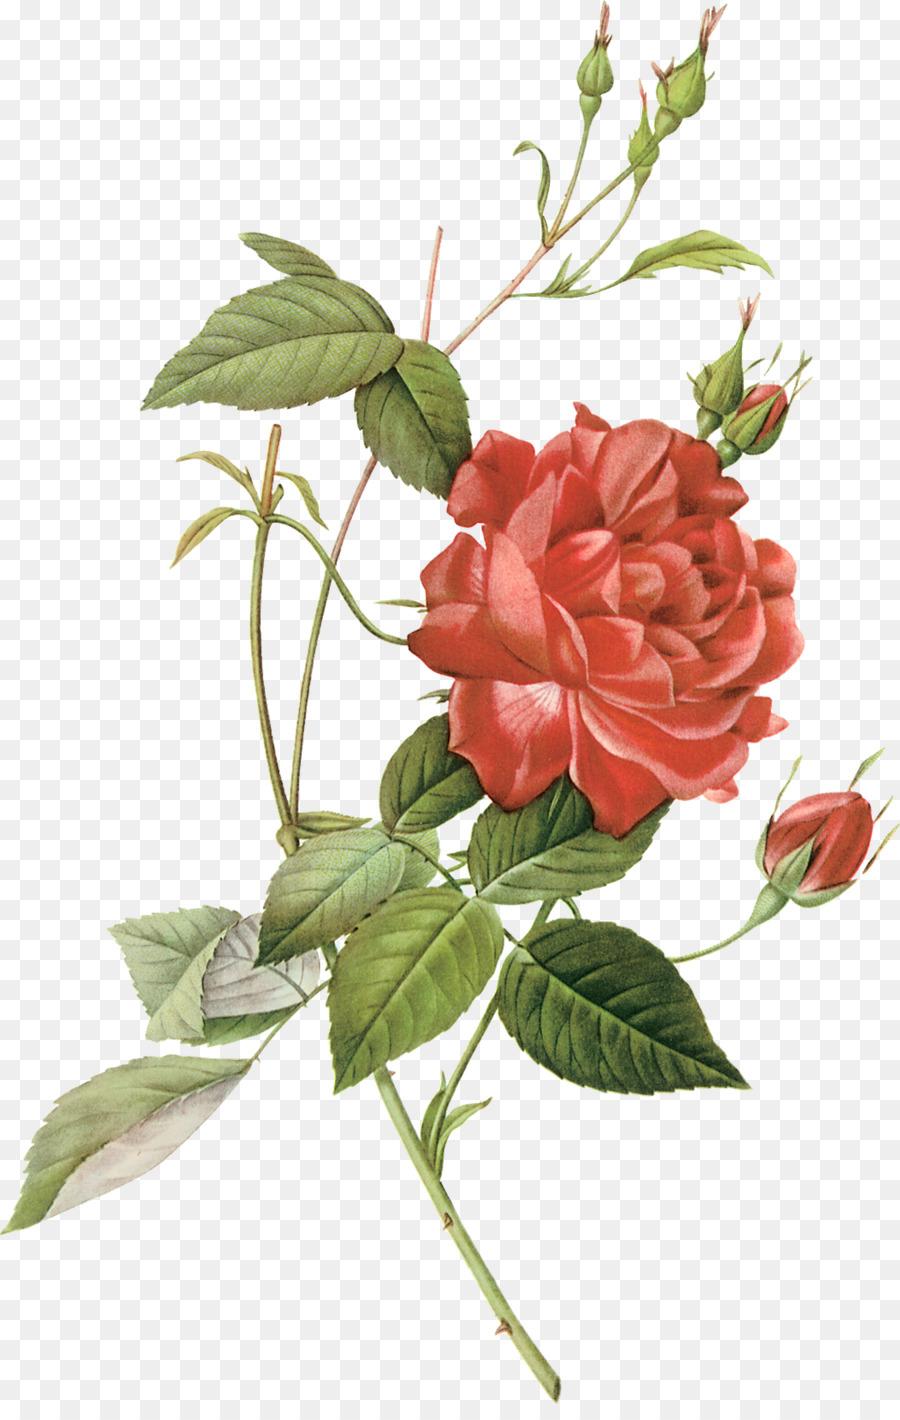 Gambar Mawar Centifolia Merah Gambar Png